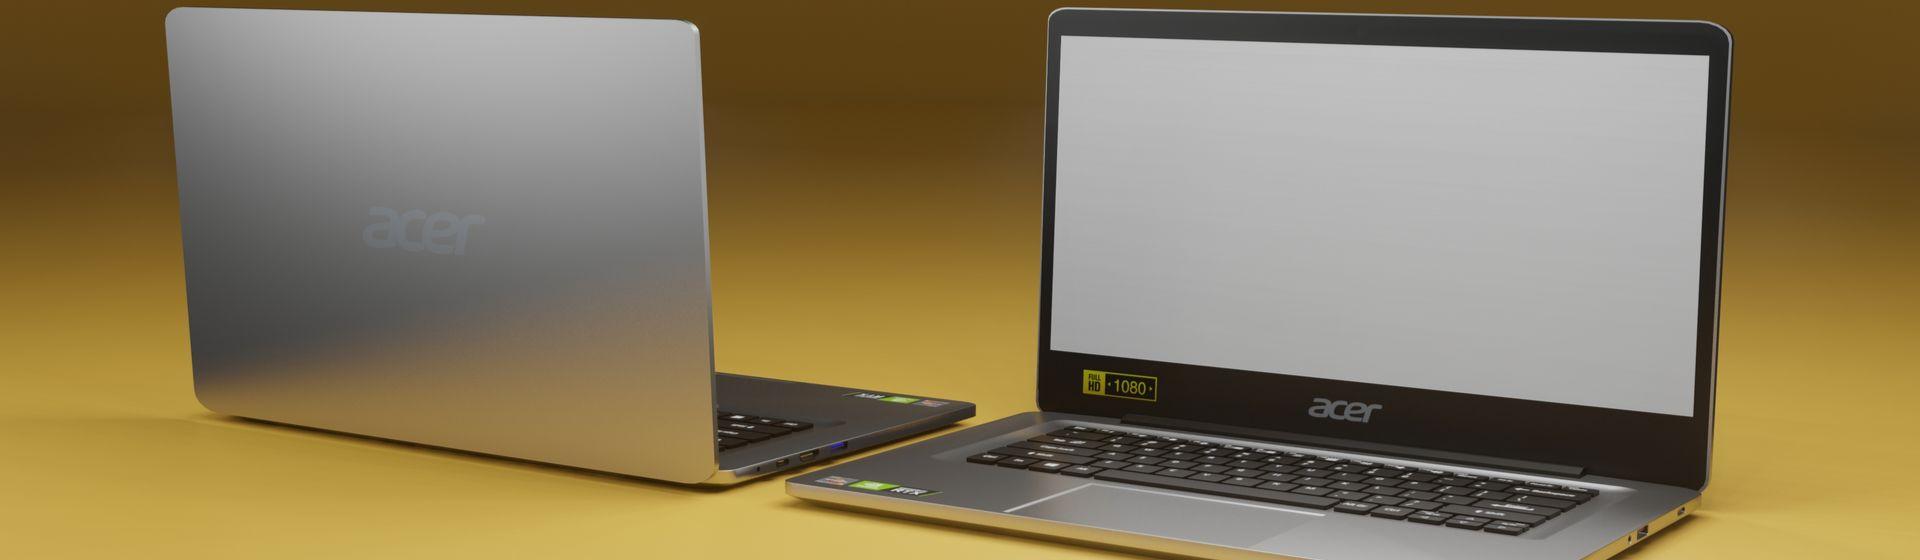 Notebook Acer é bom? Veja prós e contras da marca